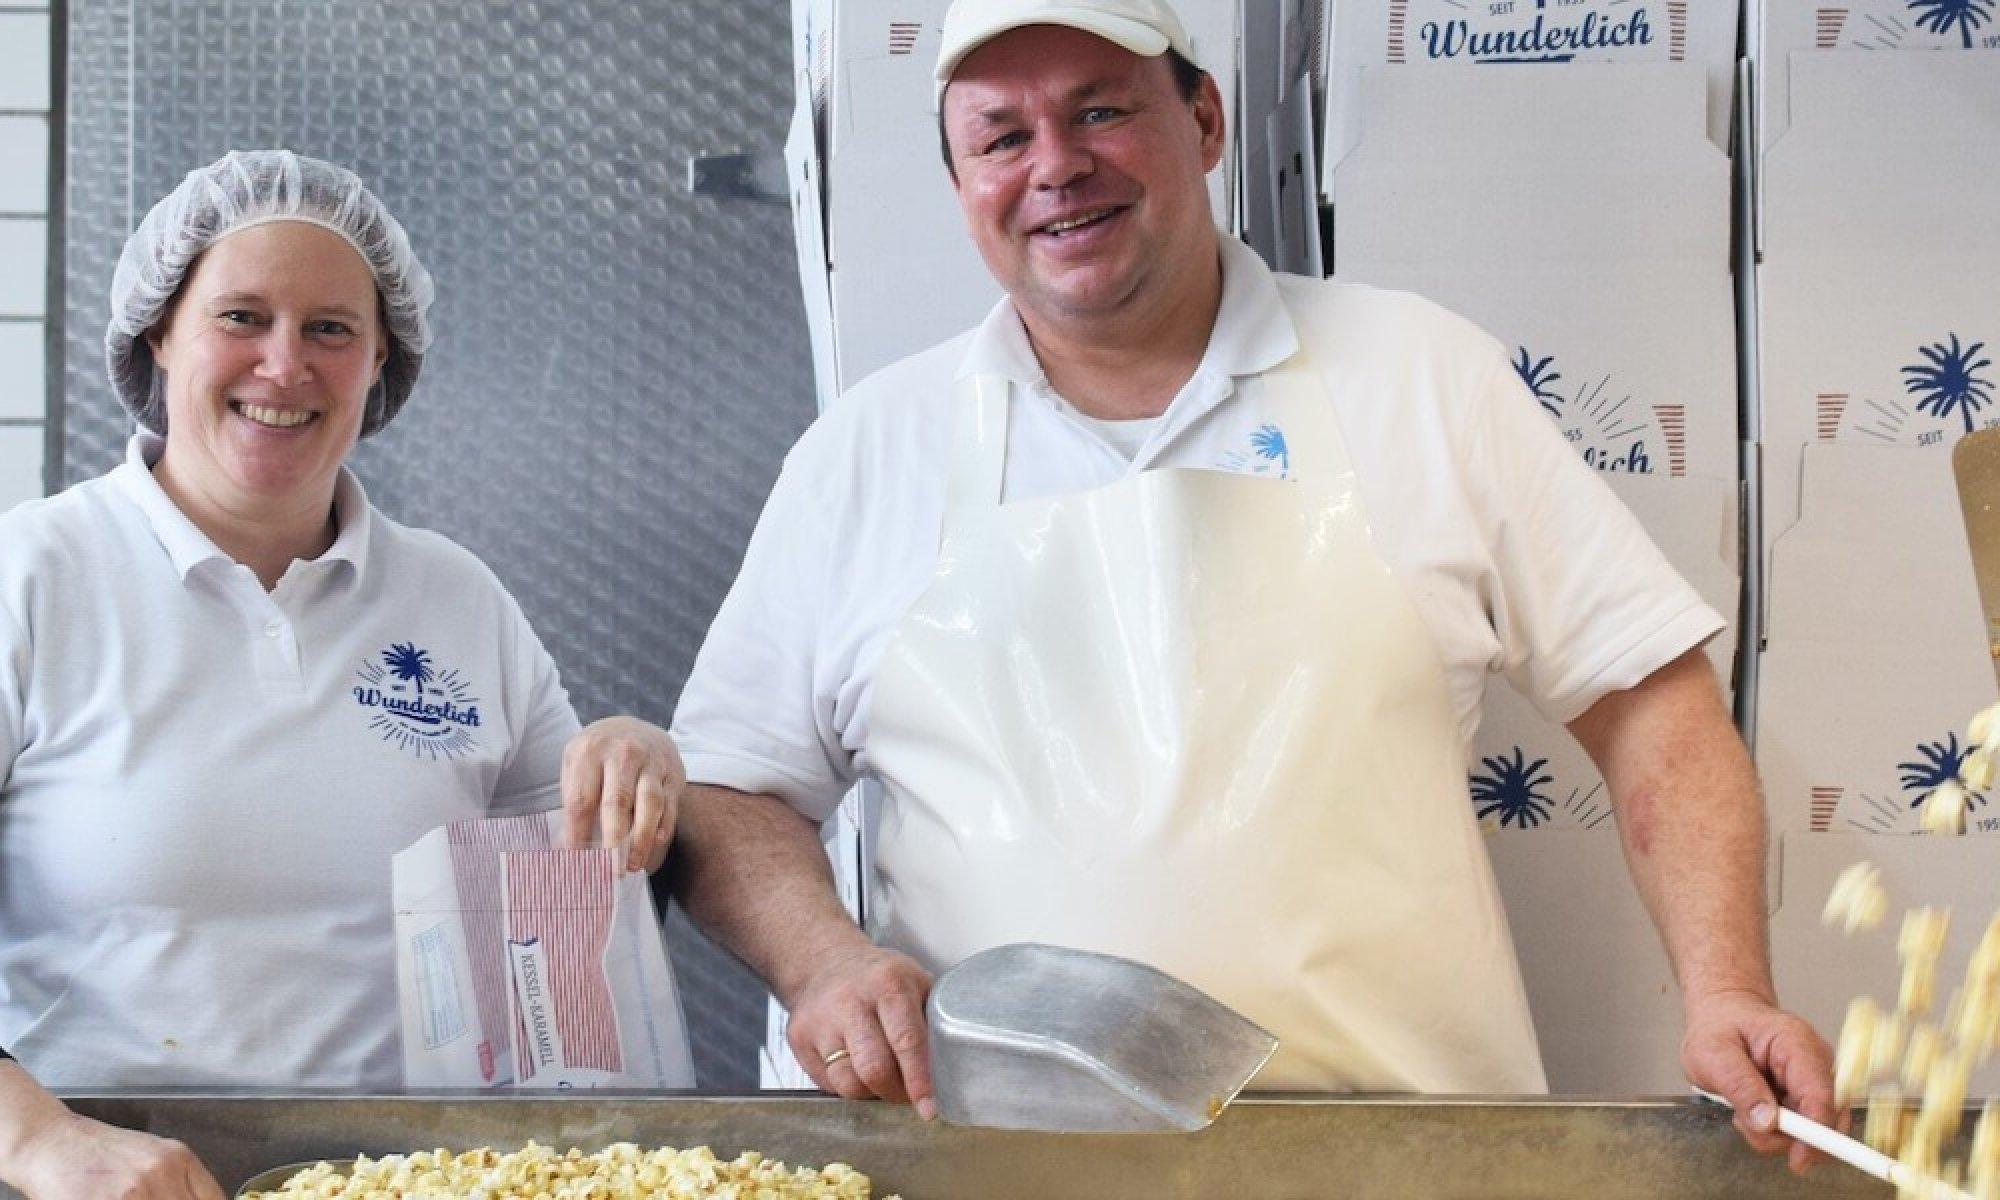 Popcorn Wunderlich